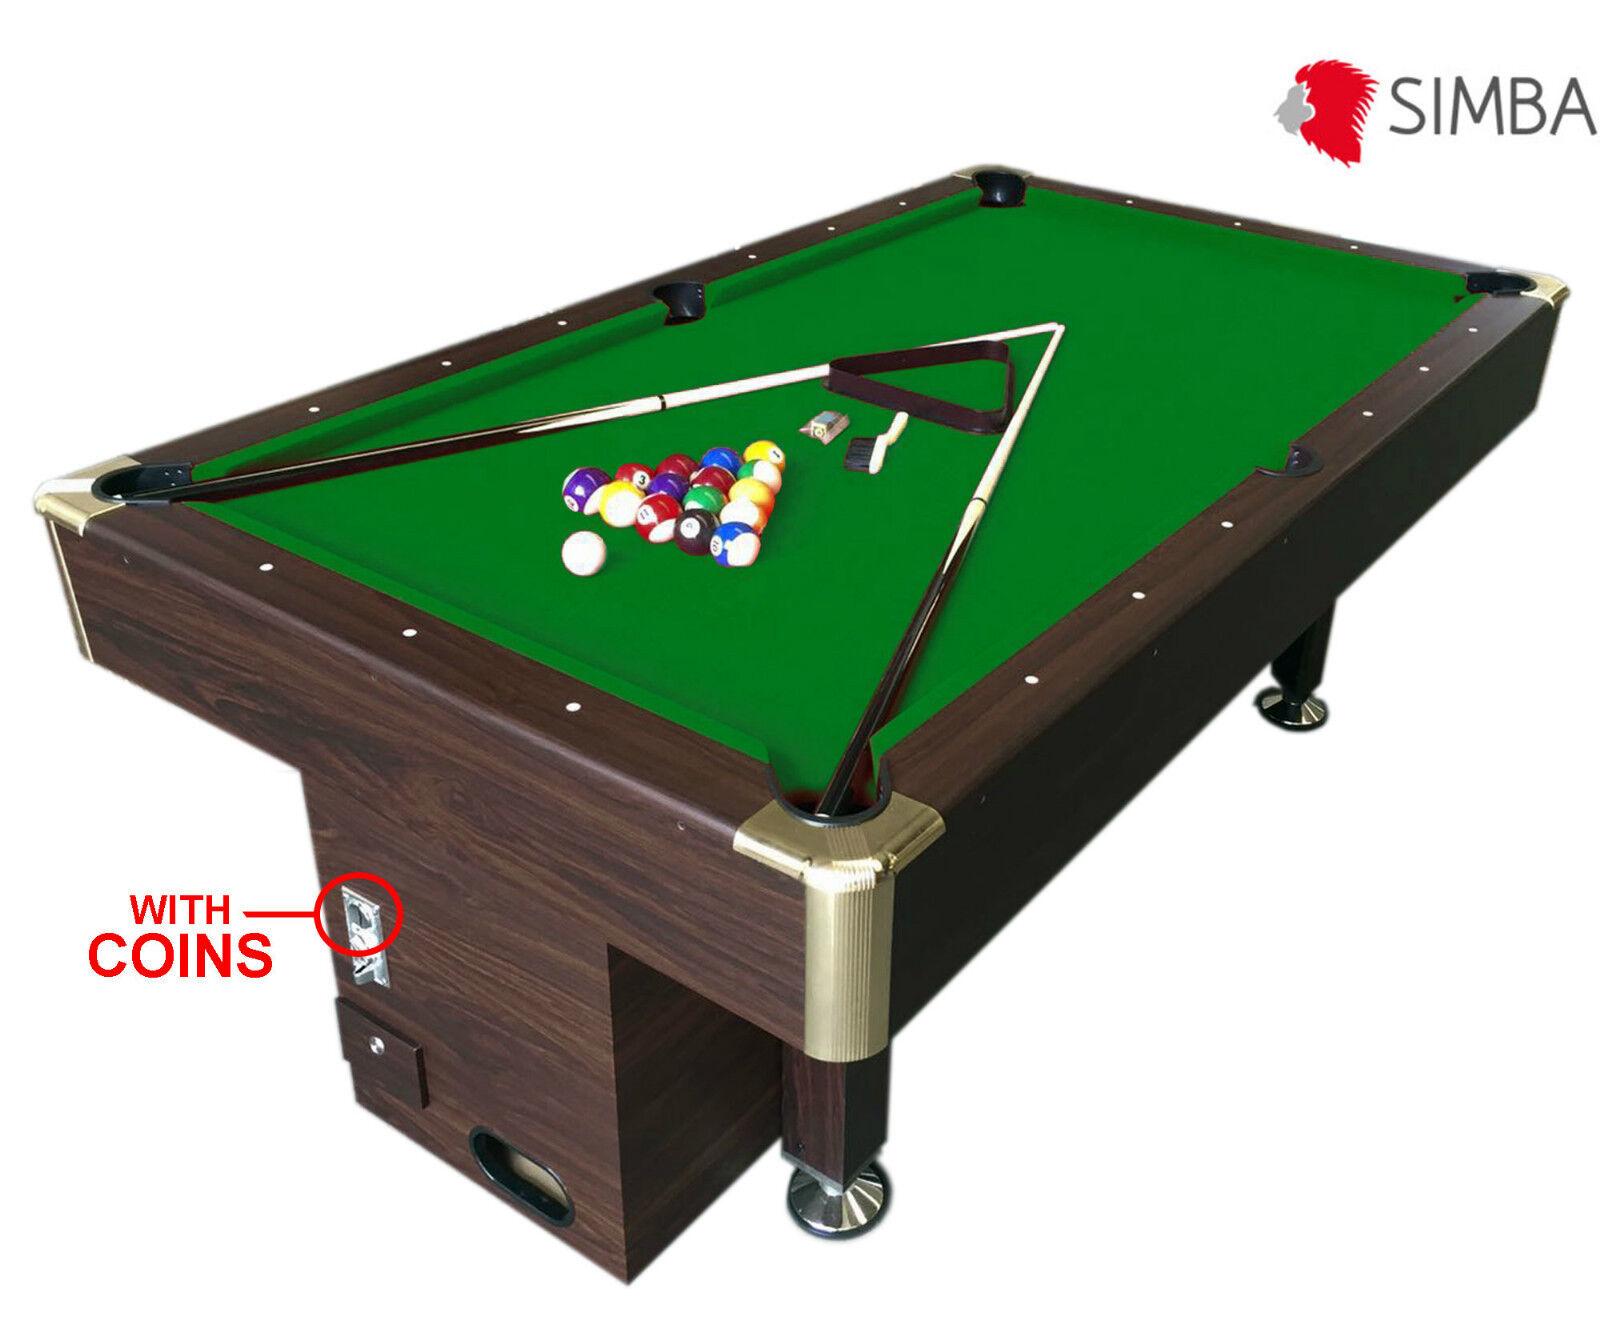 Mesa de billar juegos de billar pool 8 ft carambola con monedero mod. Zeus